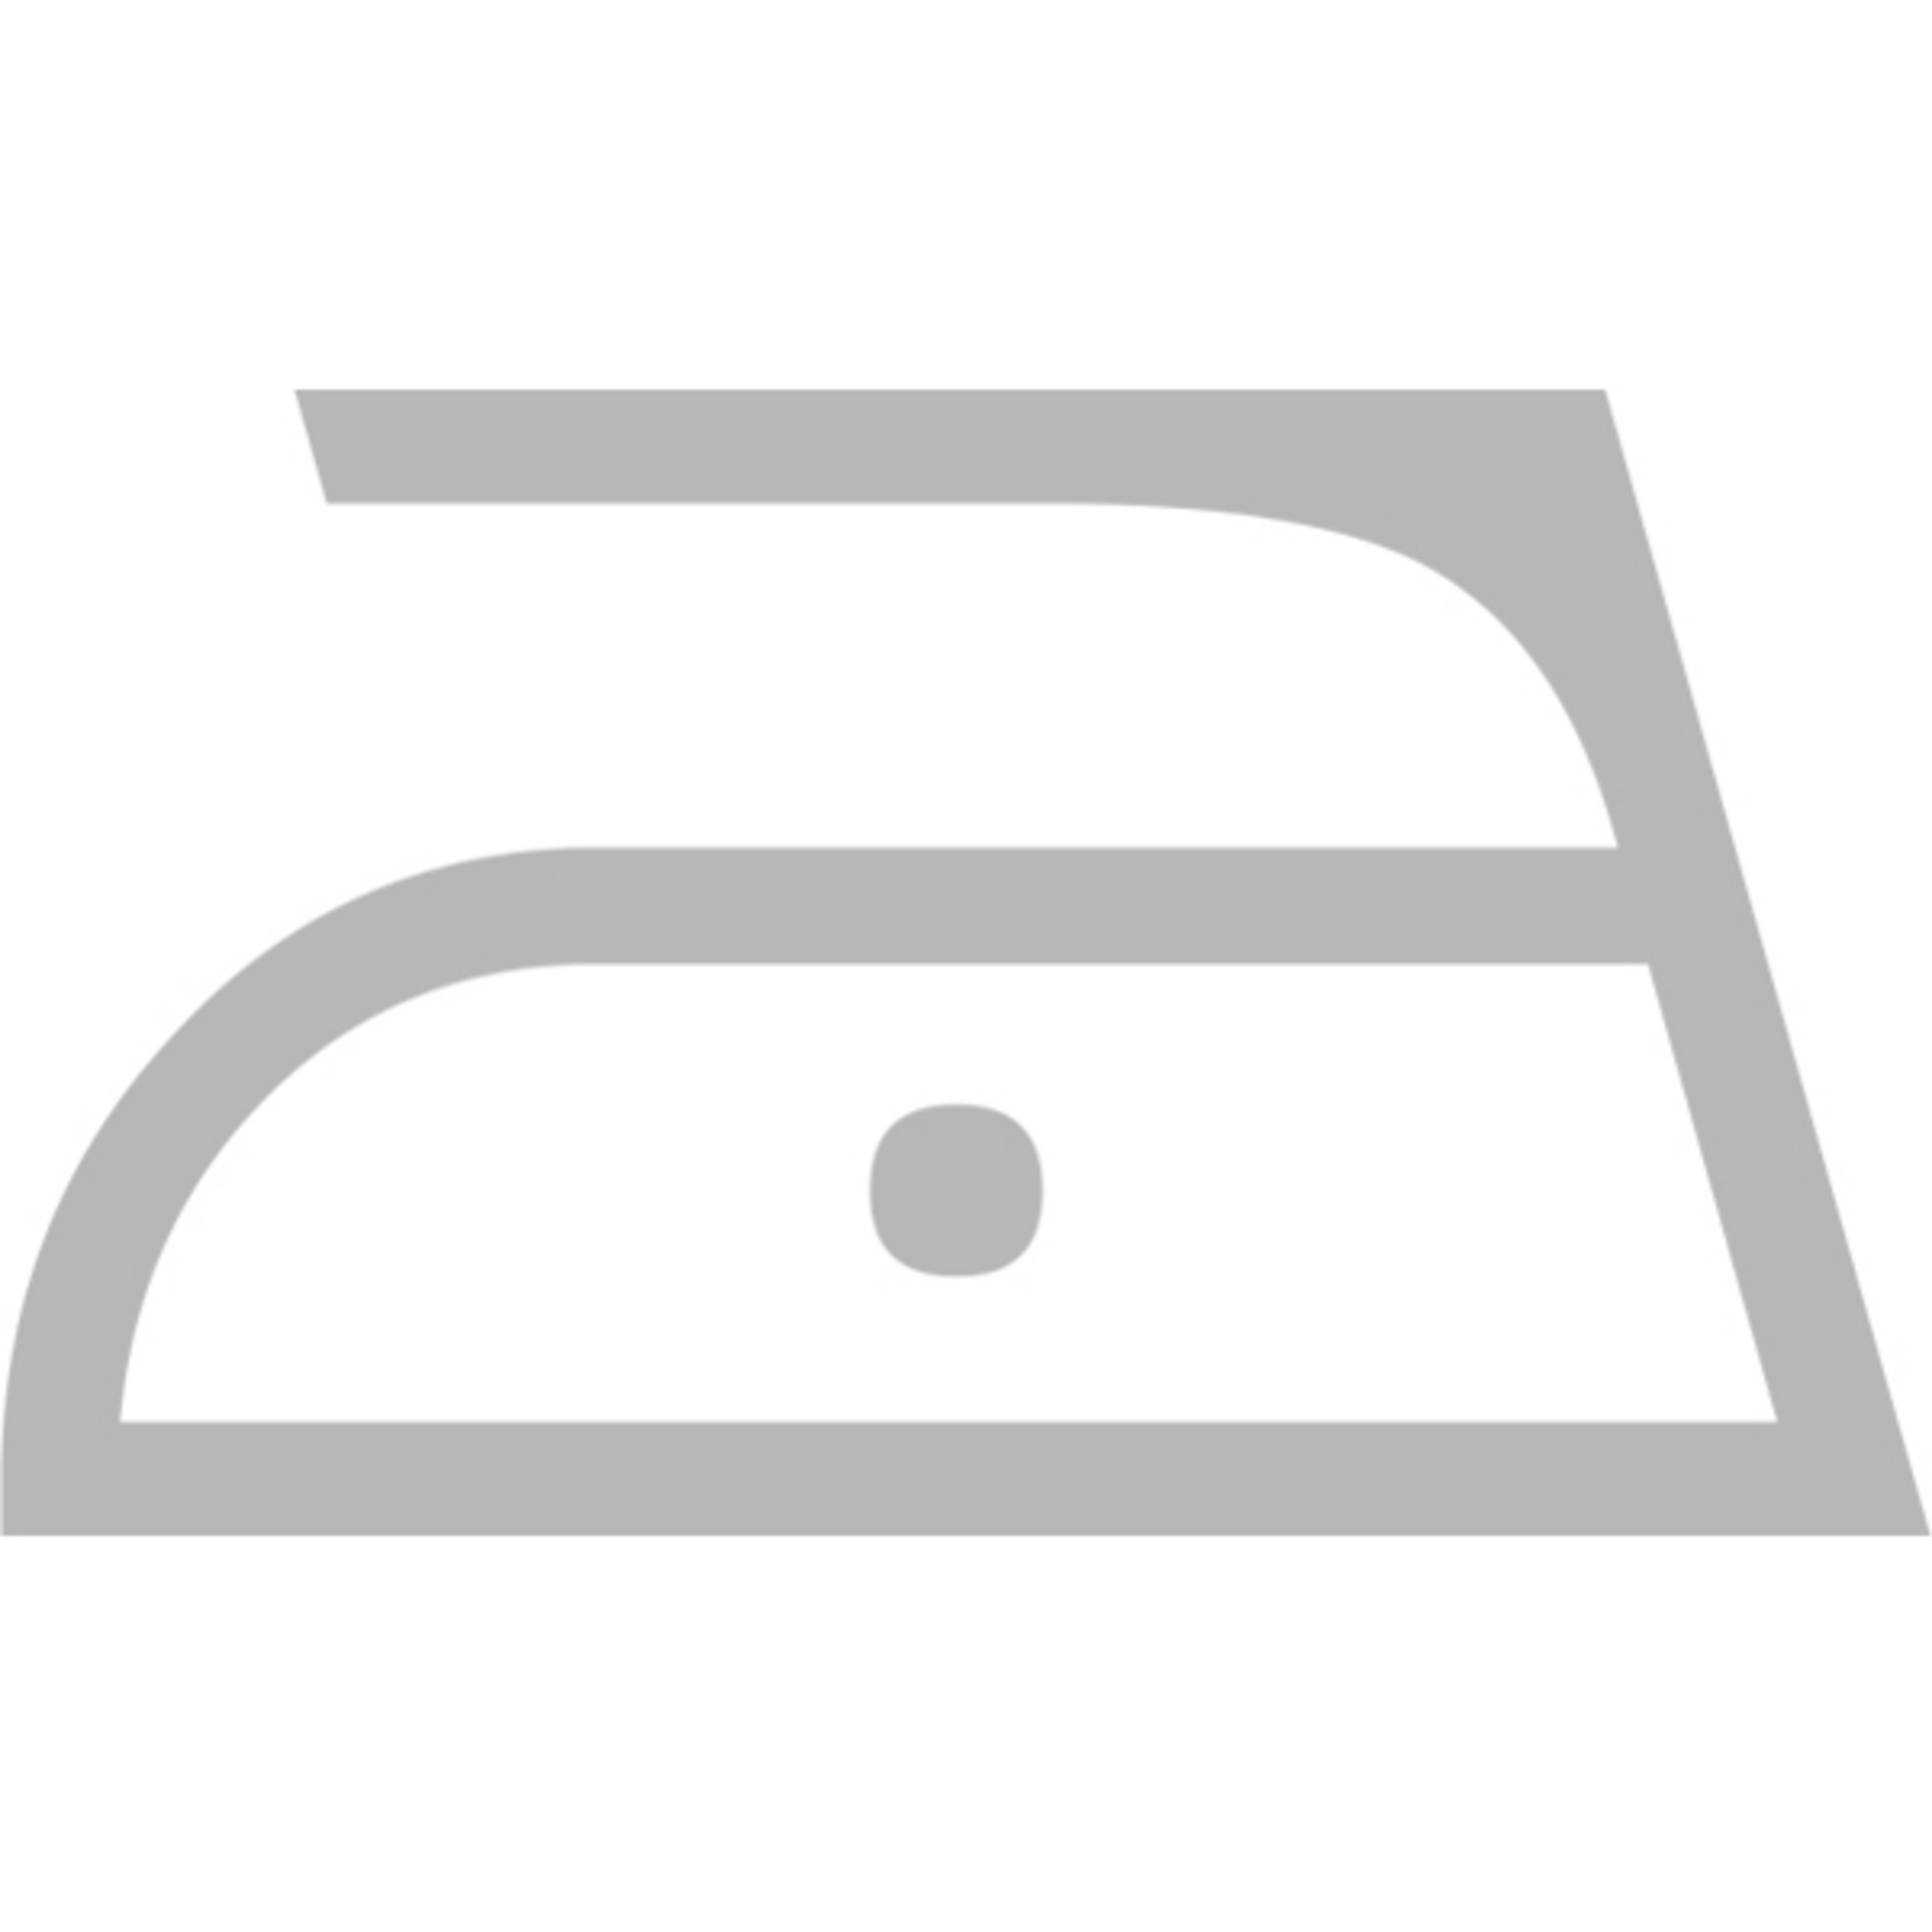 Bügeln bei einer maximalen Temperatur von 110°C Vorsicht beim Dampfbügeln